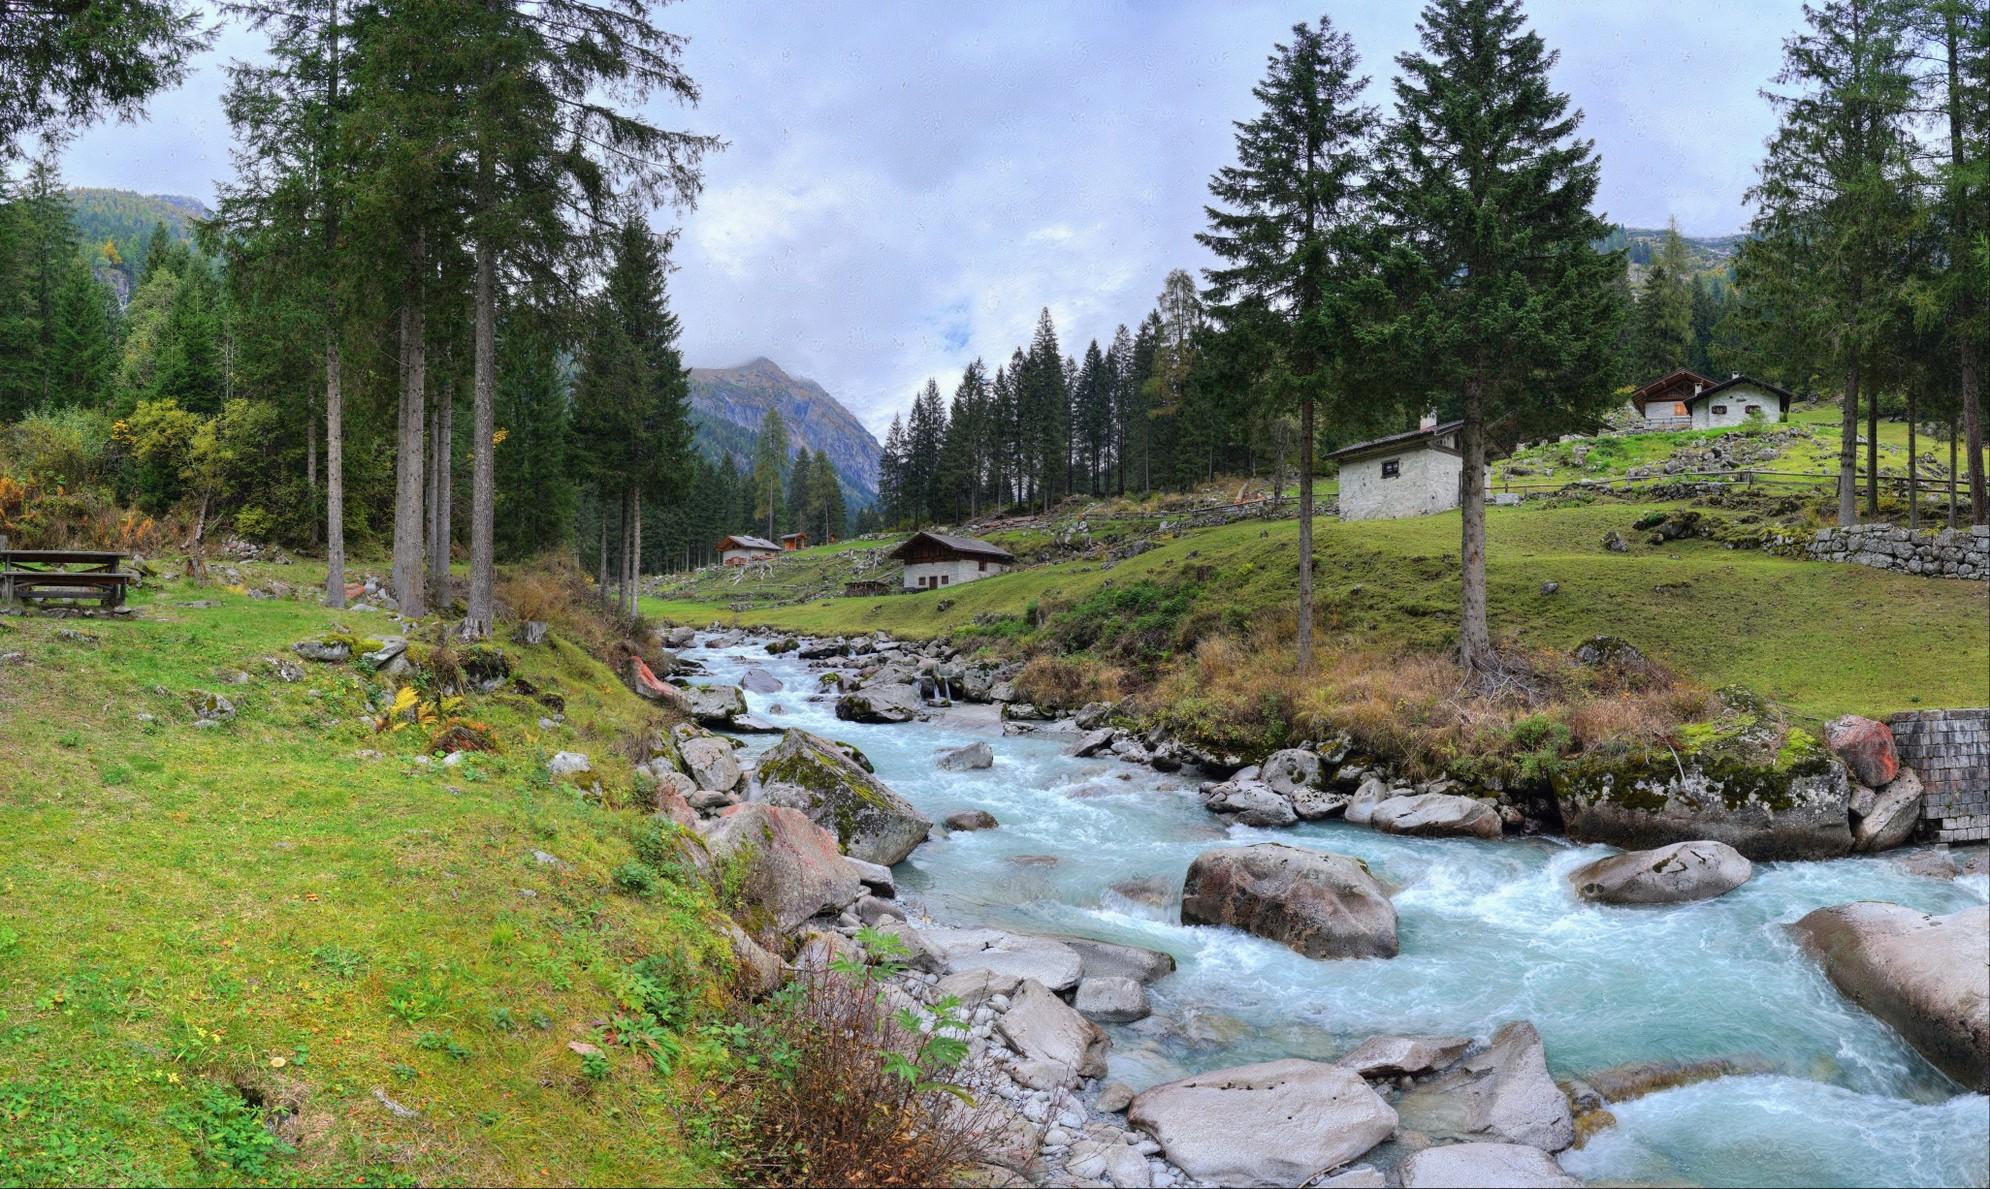 Dreamscape: Val Genova, Trentino, Italy